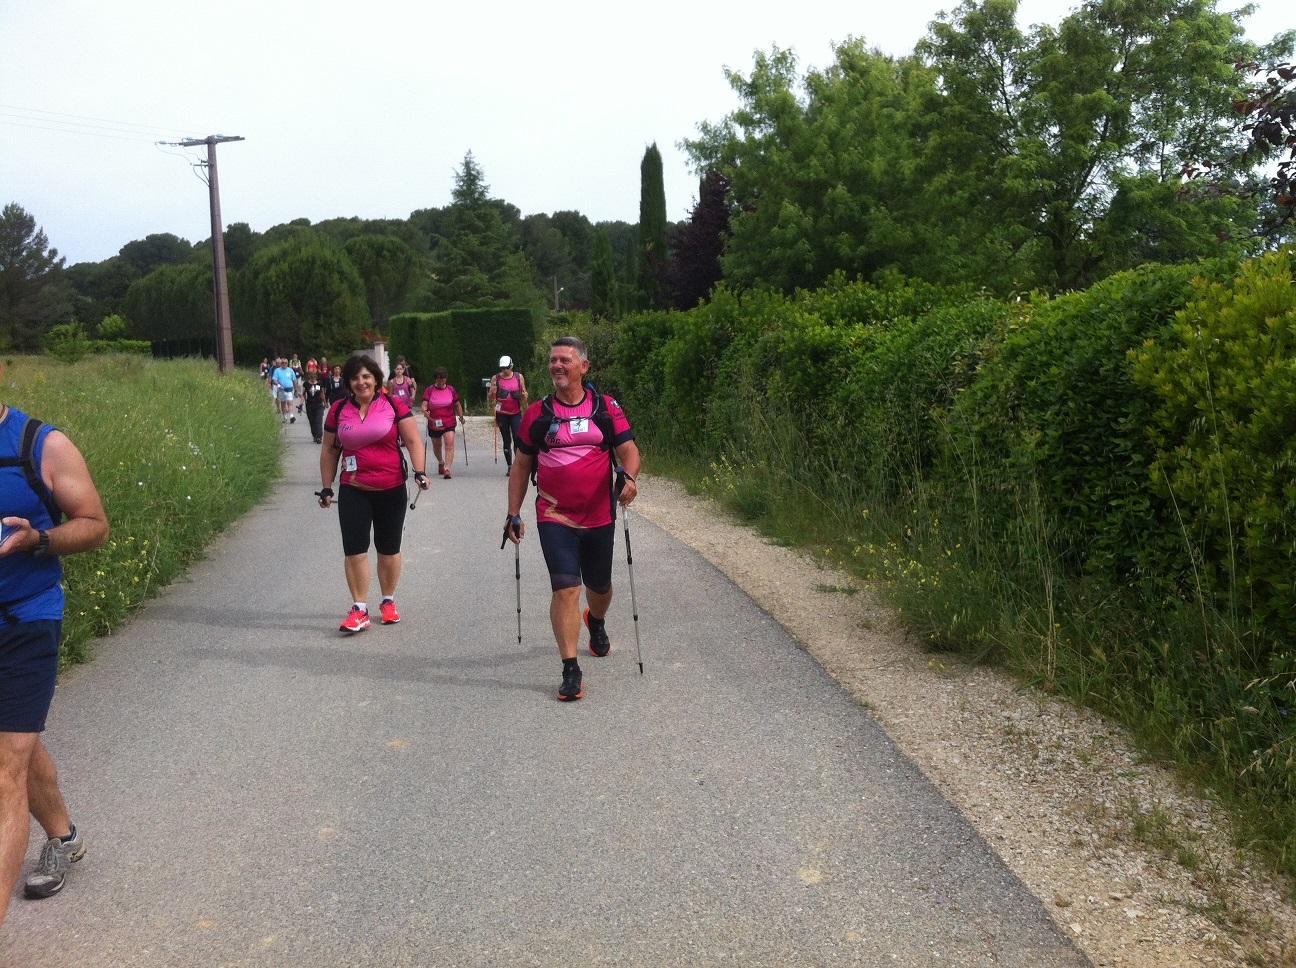 9-Juste après le départ de la marche est donnée aussi, Eric mène la manade